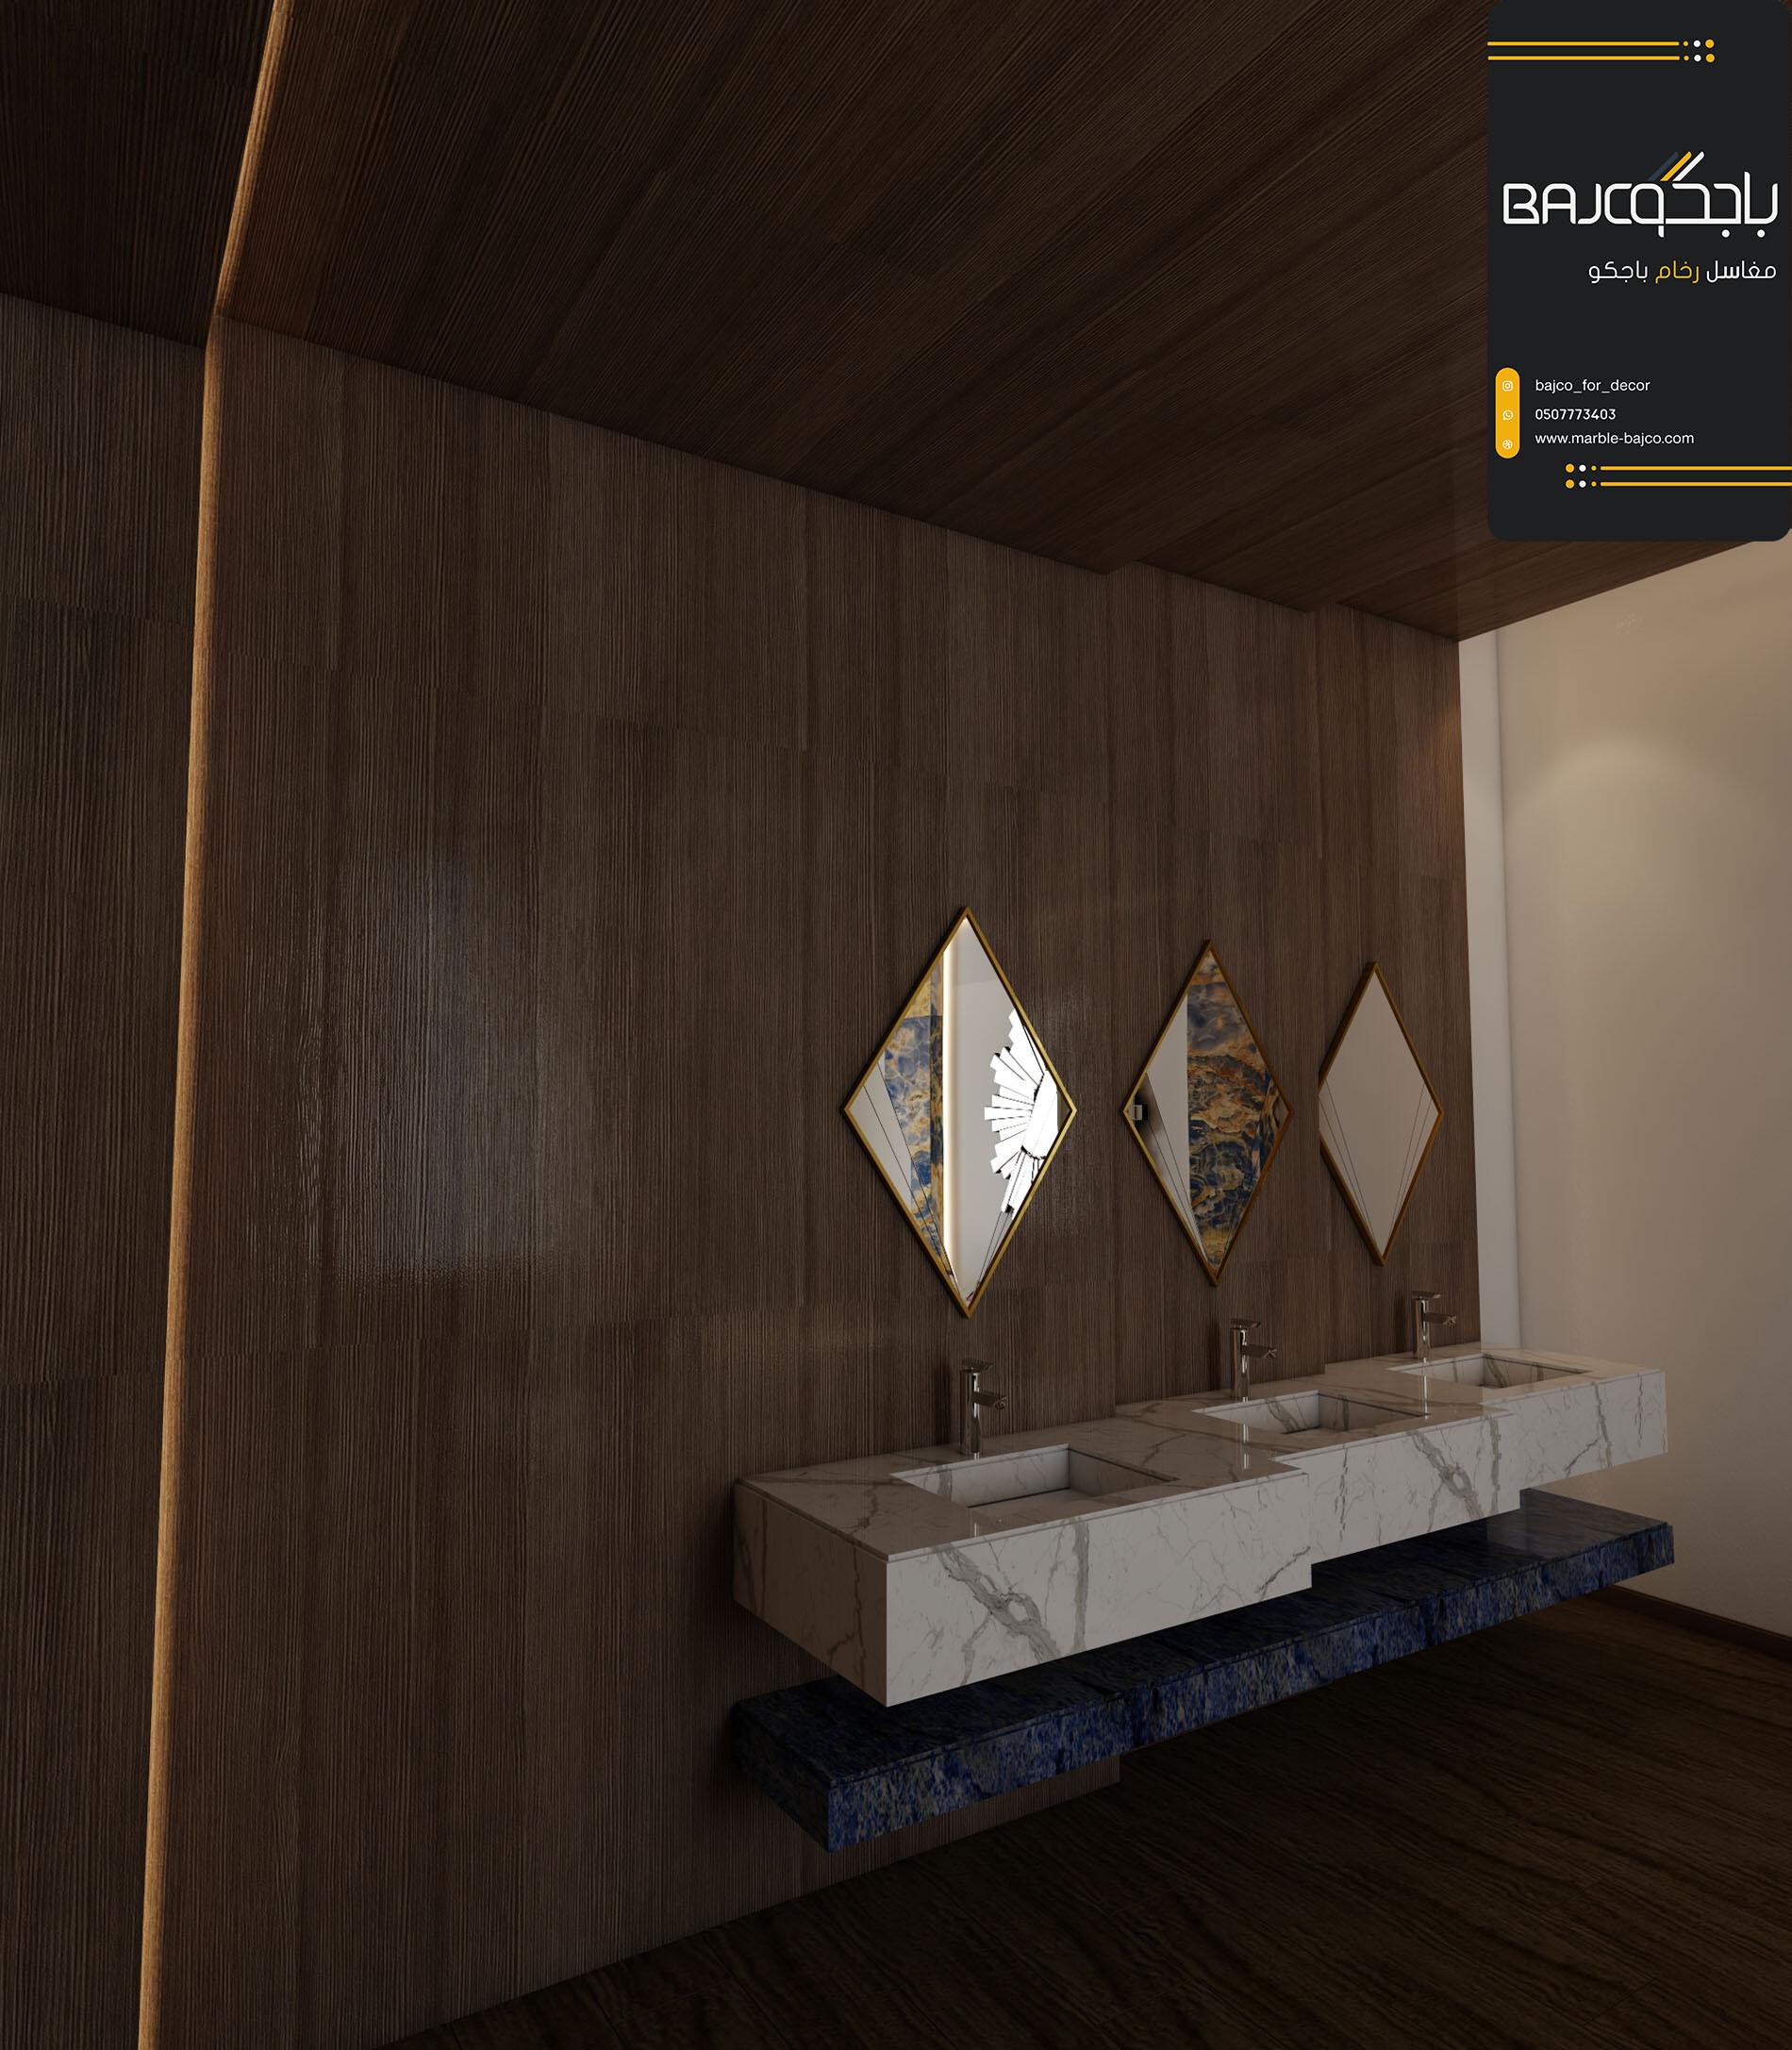 تصاميم مغسلة رخام ستتواريو ثلاث احواض (4)